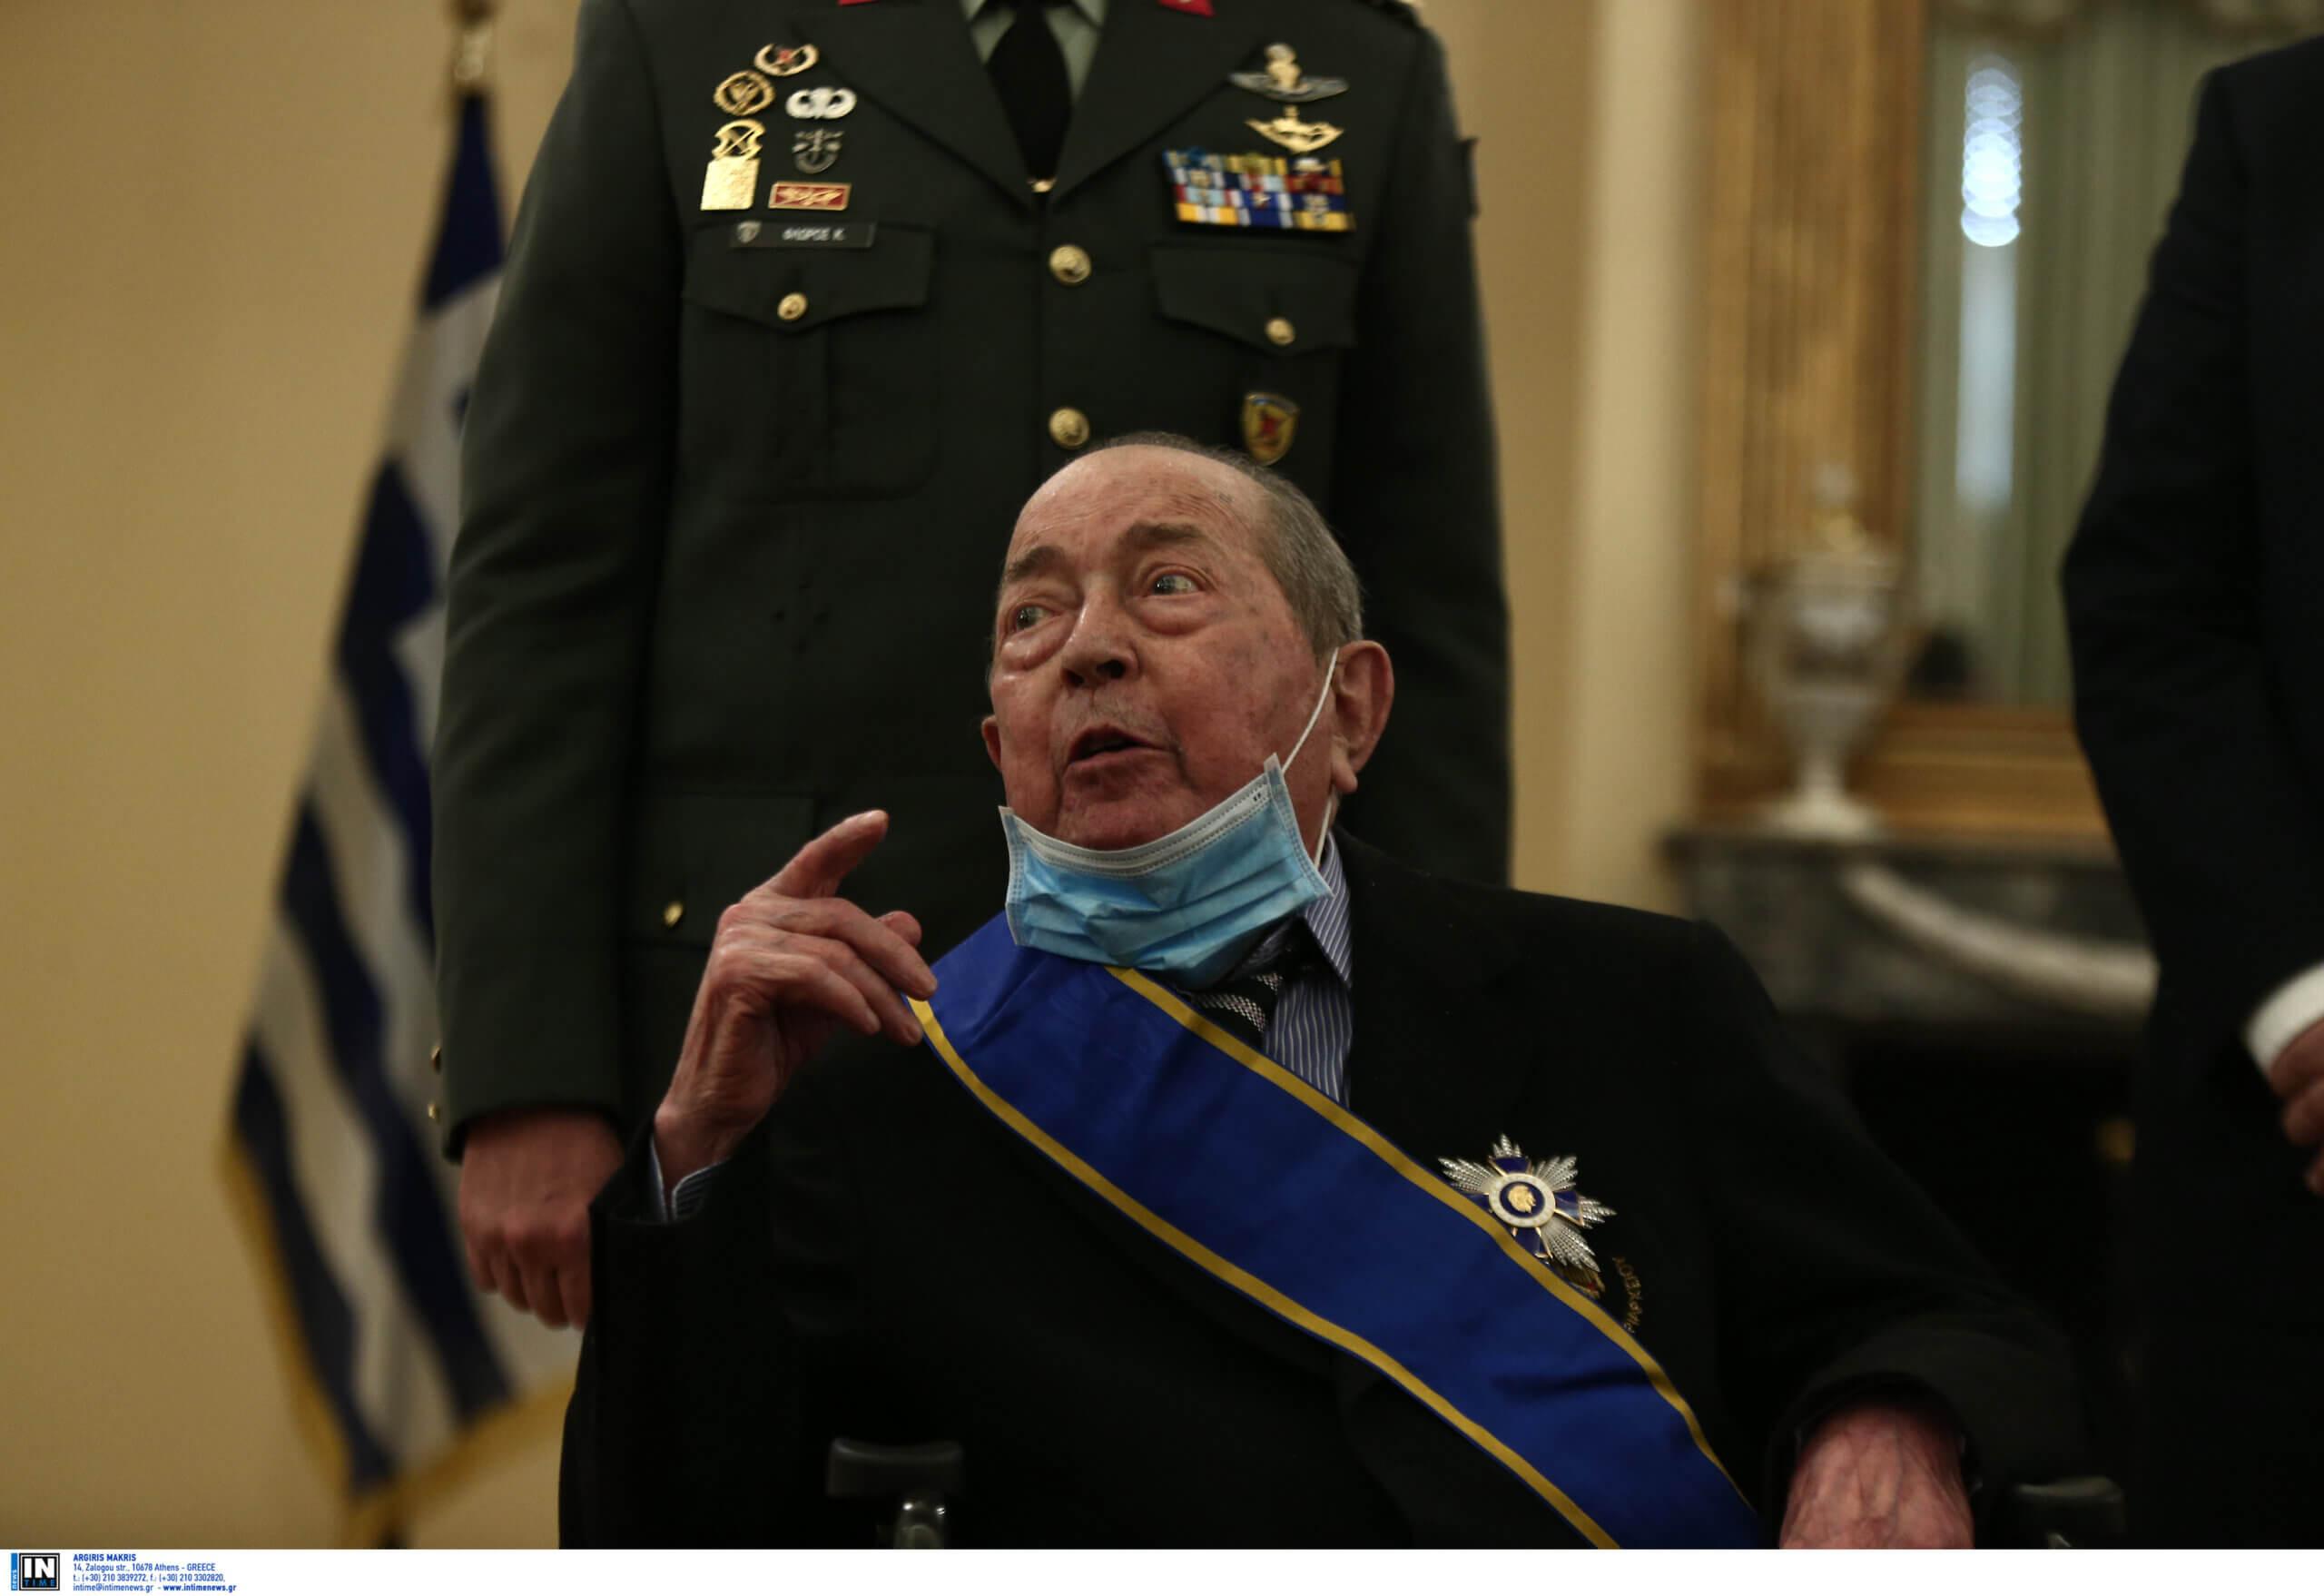 Απεβίωσε ο Ιάκωβος Τσούνης, ο εφοπλιστής που δώρισε την περιουσία του στις Ένοπλες Δυνάμεις